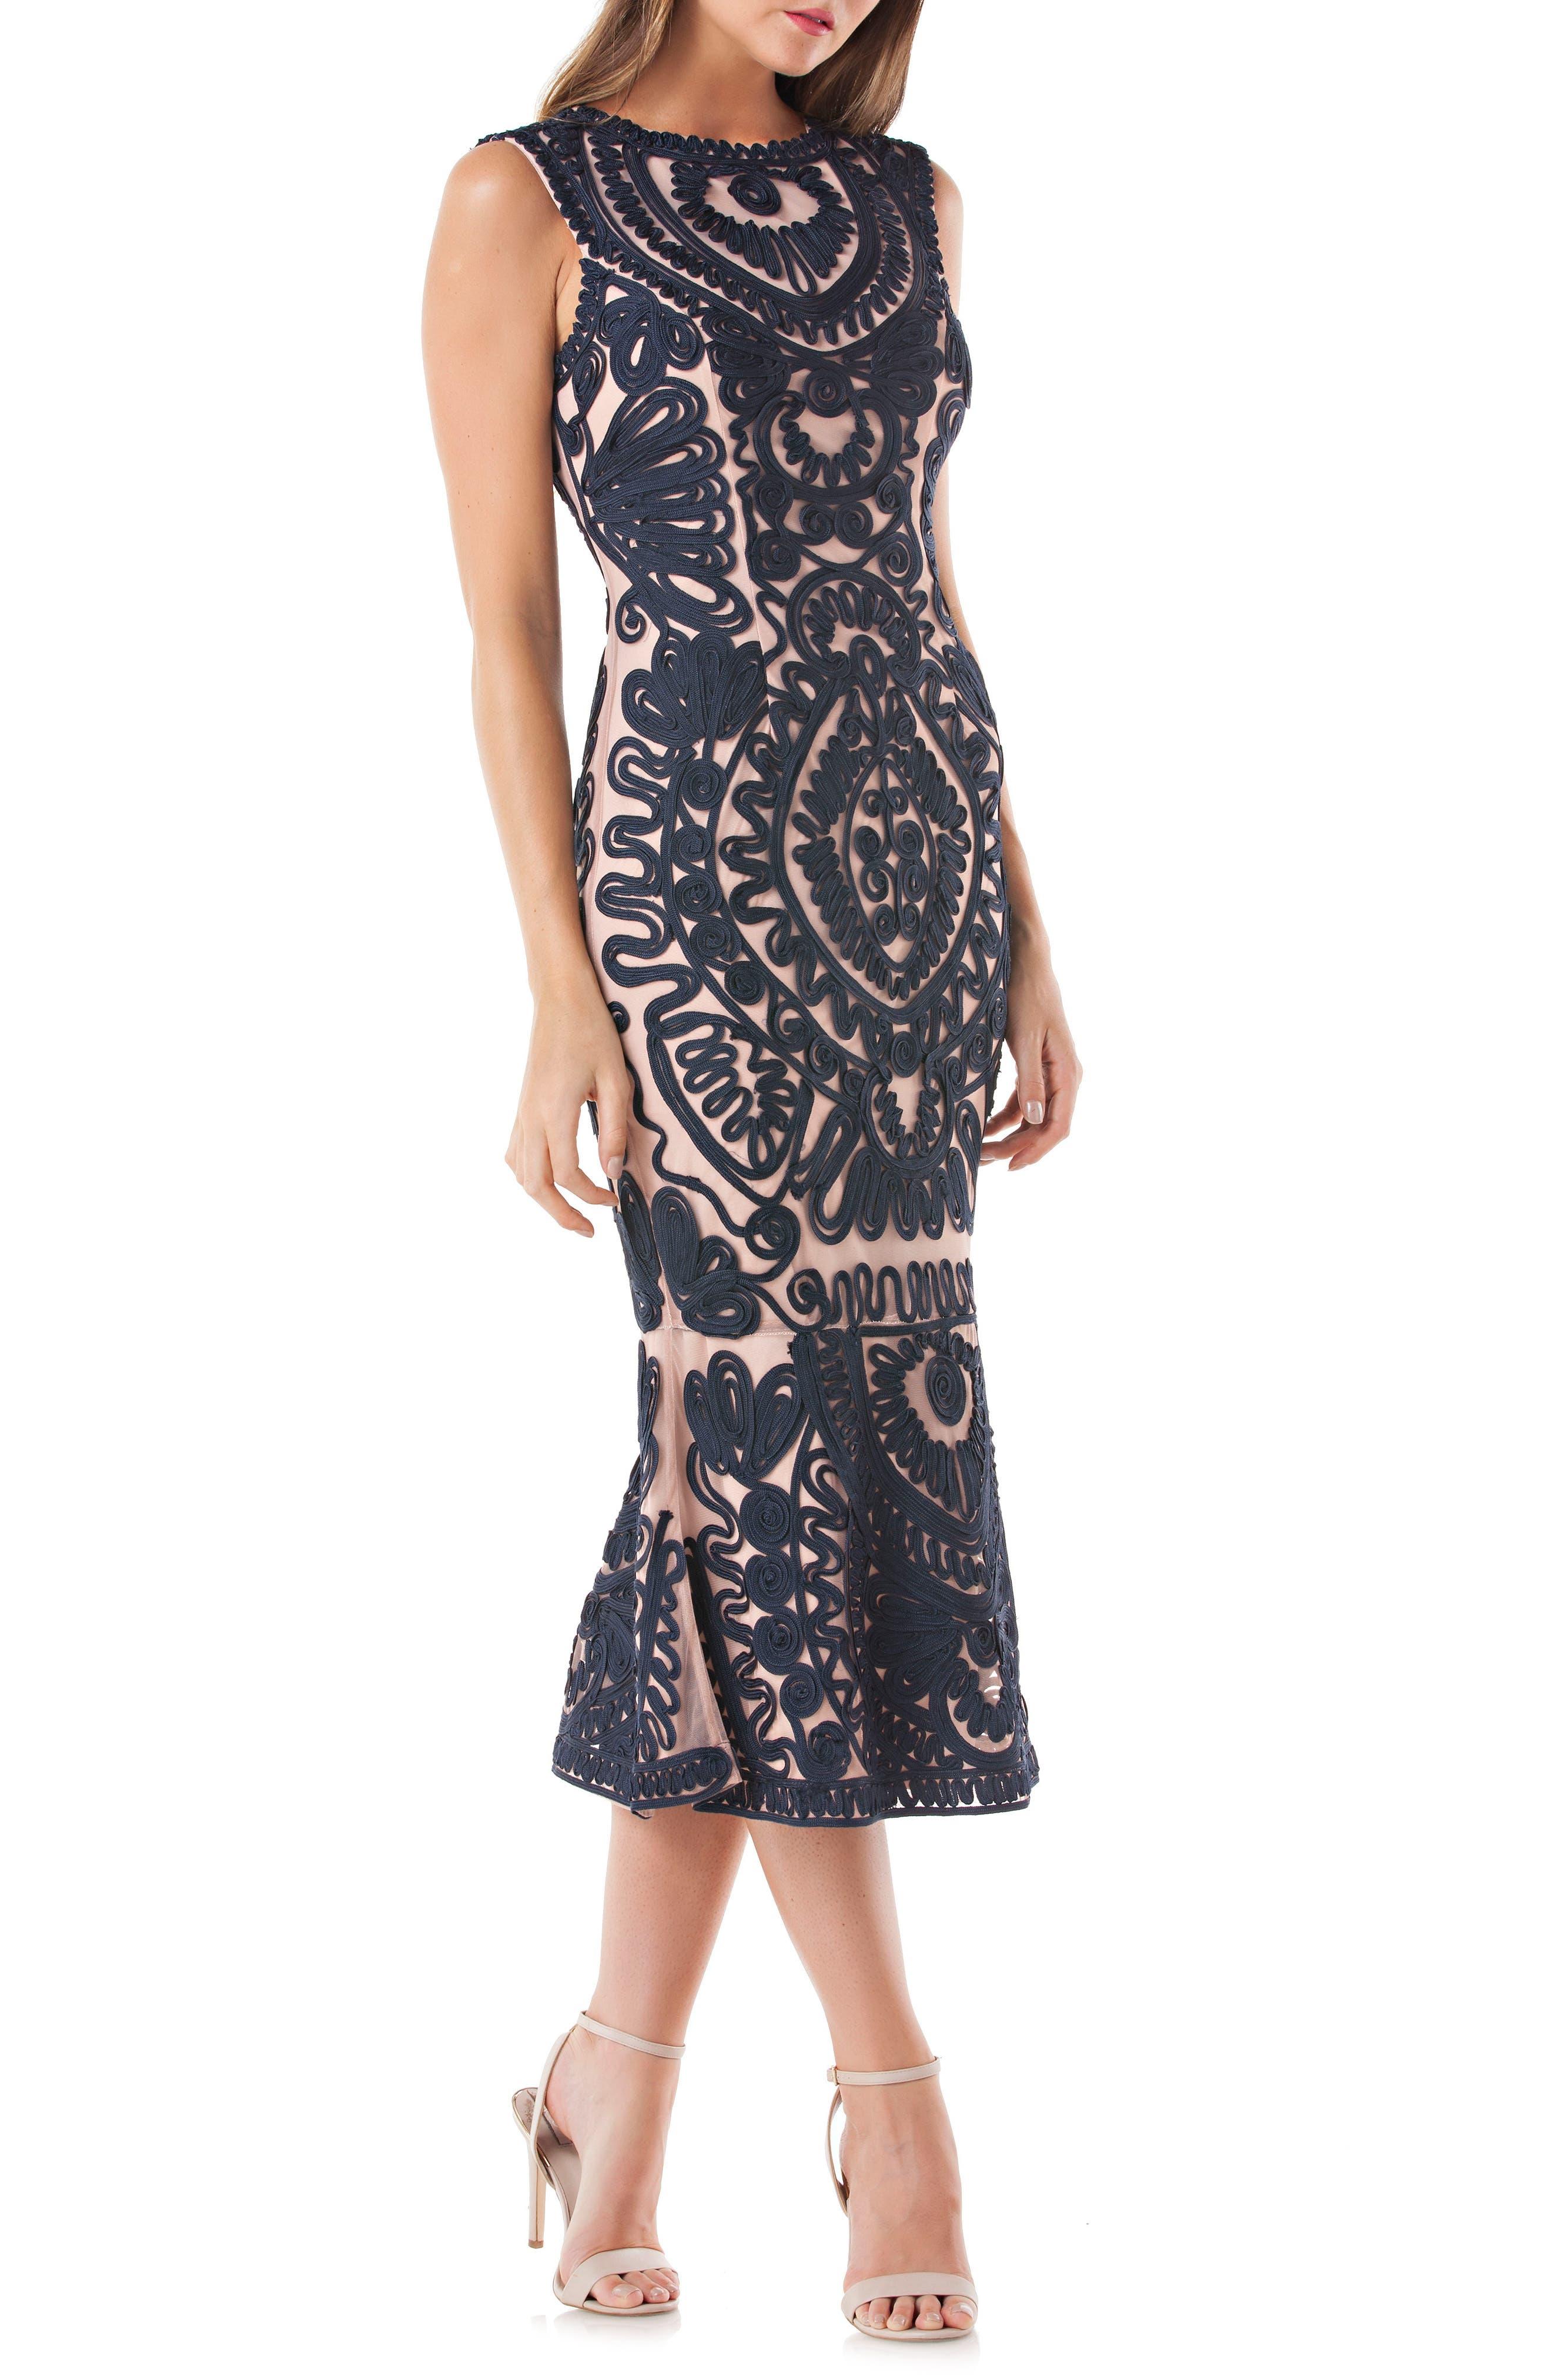 JS COLLECTIONS Soutache Mesh Dress, Main, color, NAVY/ NUDE